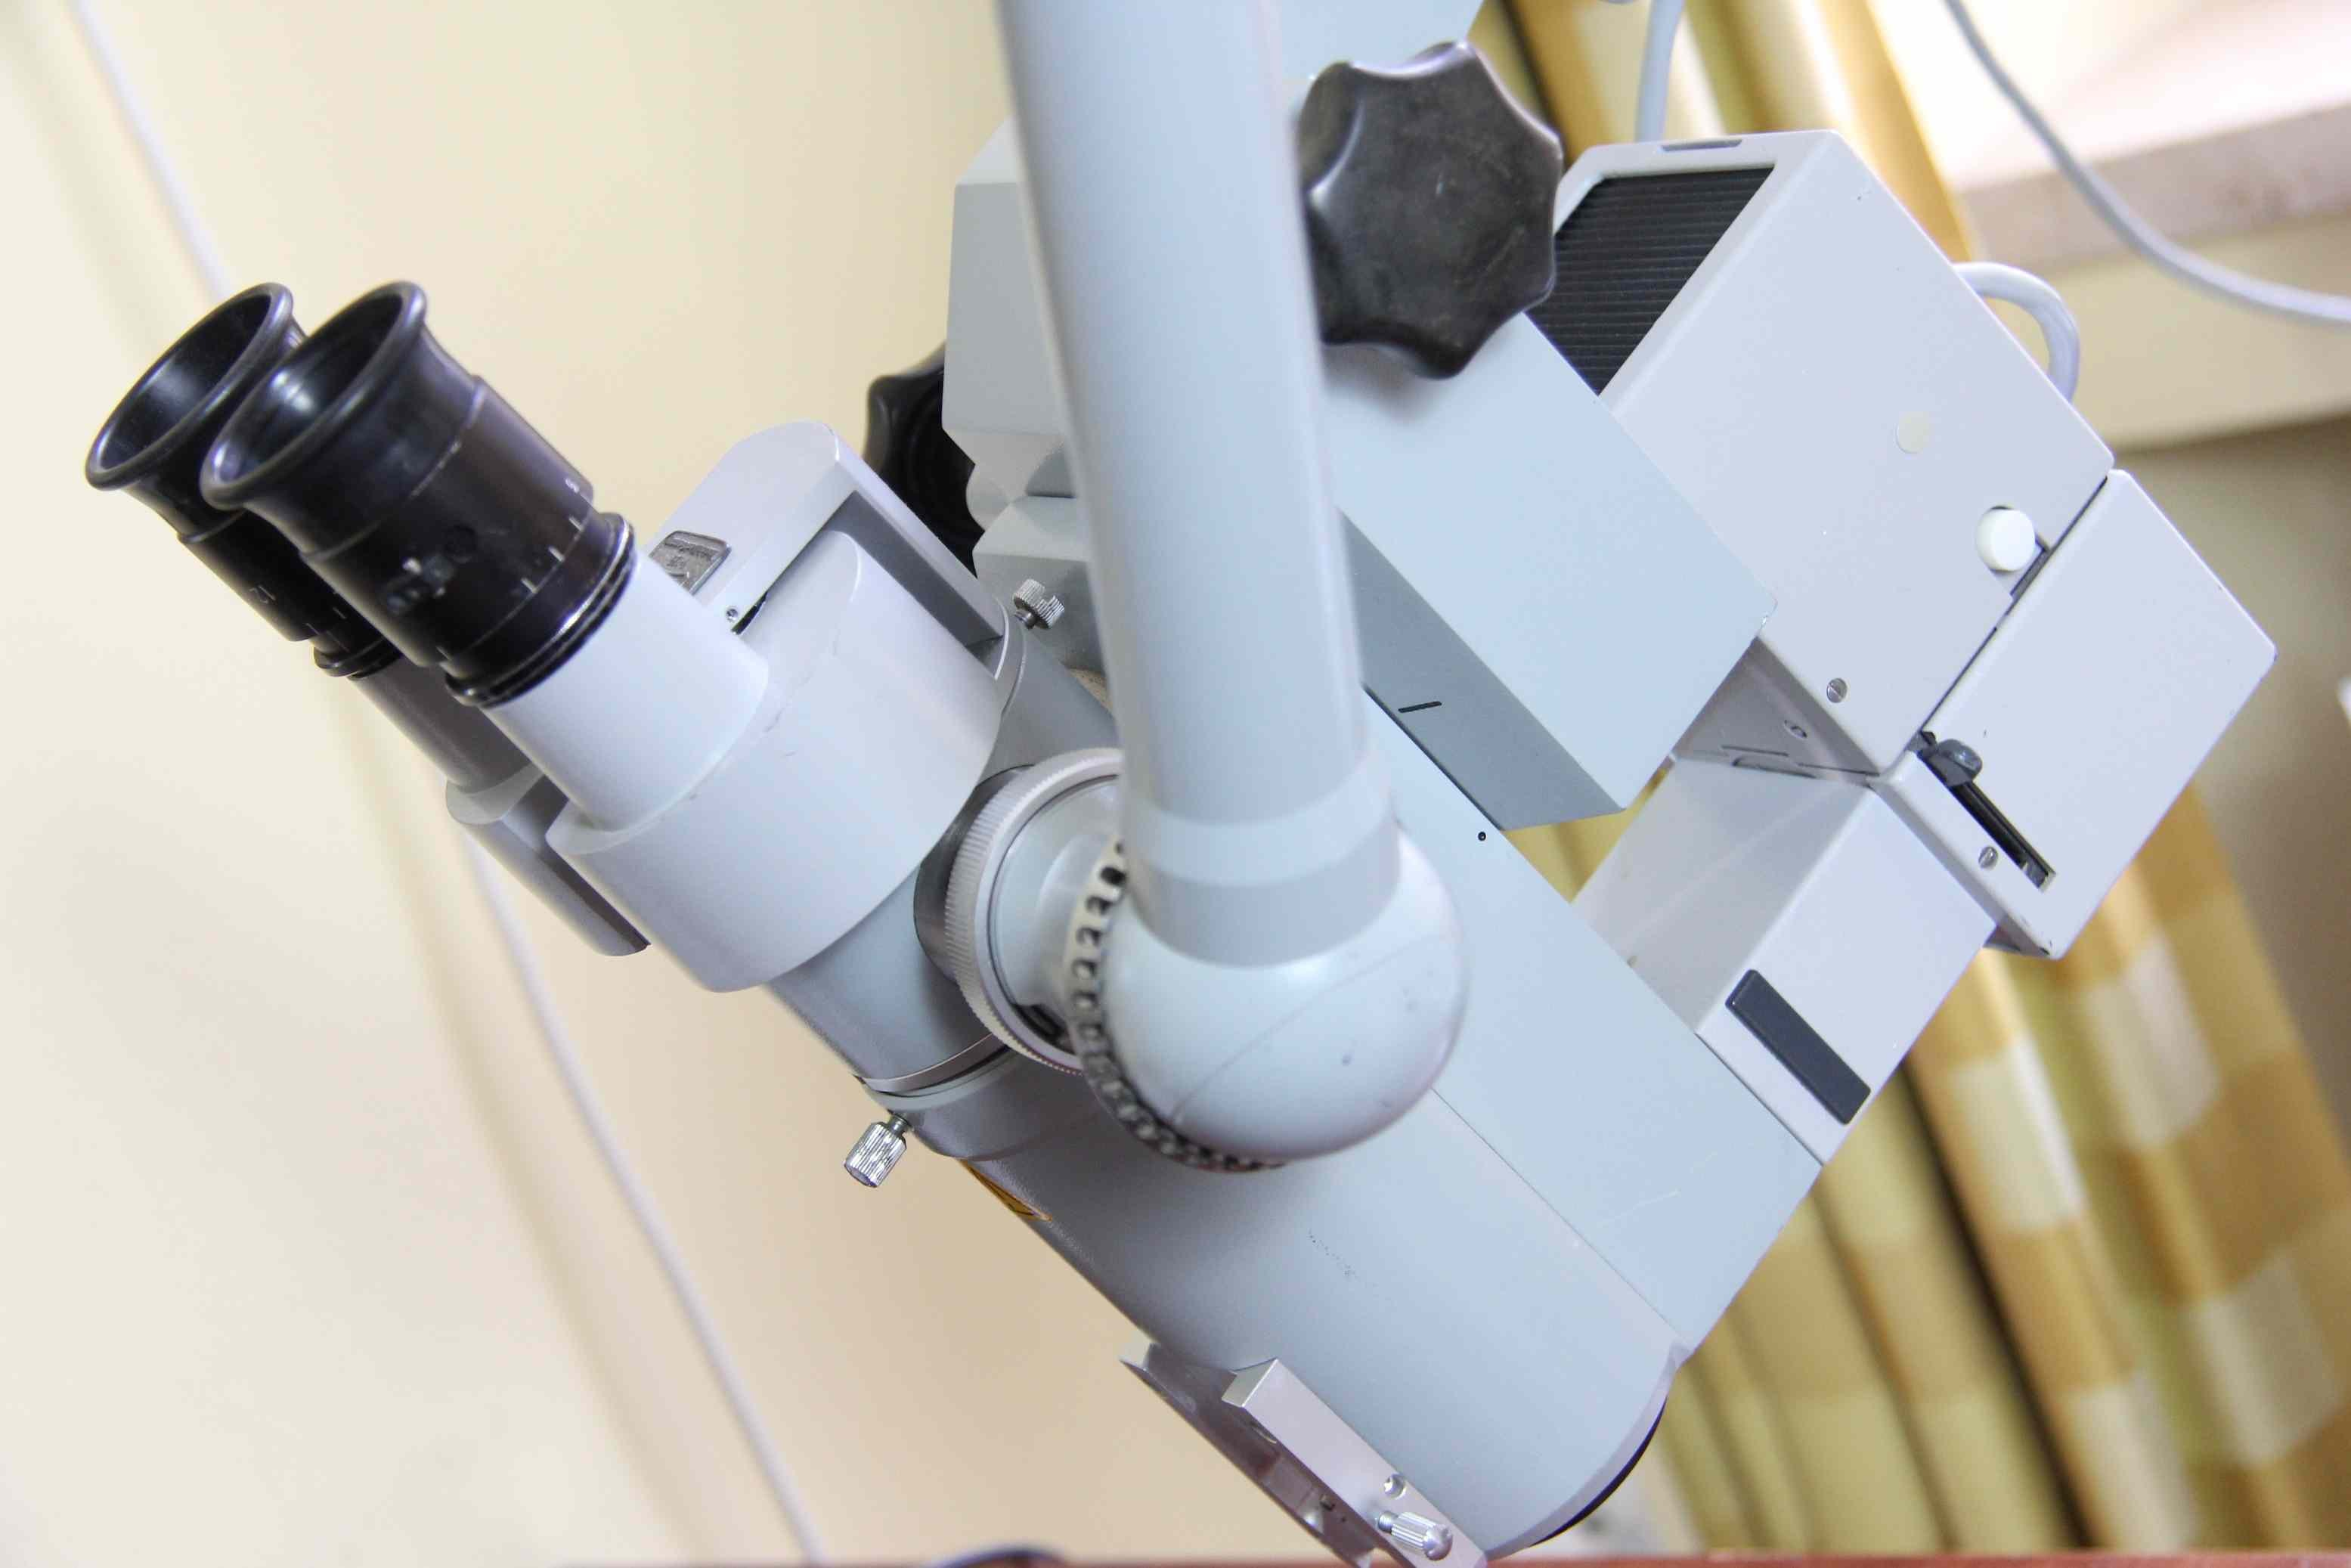 Mikroskop - speicheldruesendiagnosik muenchen